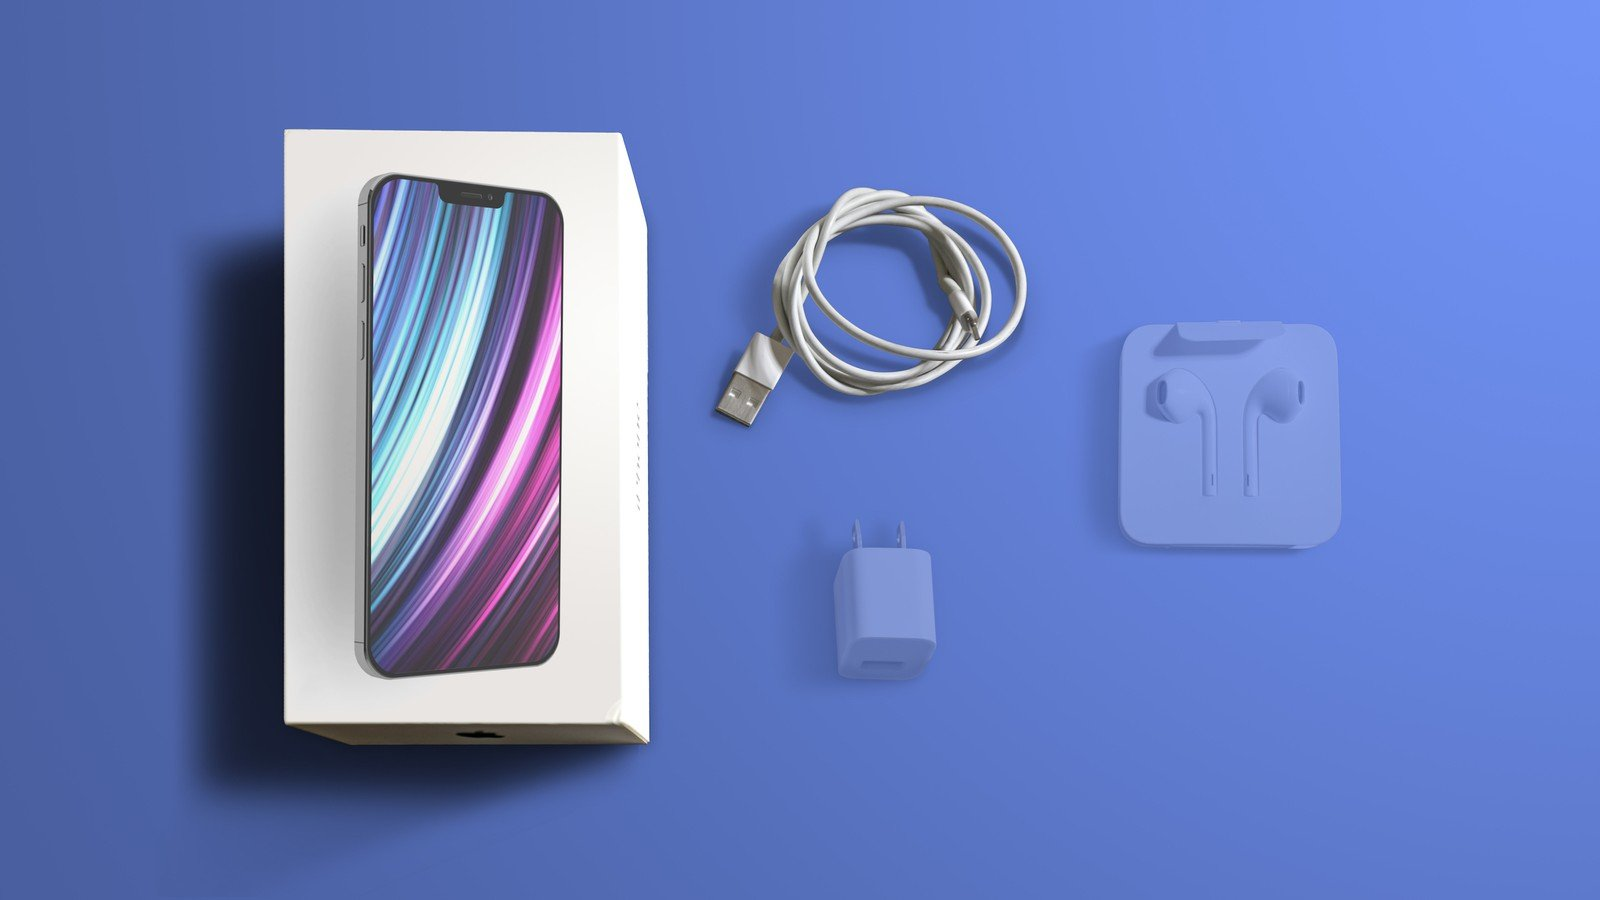 郭明錤:iPhone 12将不再附送USB 充电器及Earpods有线耳机